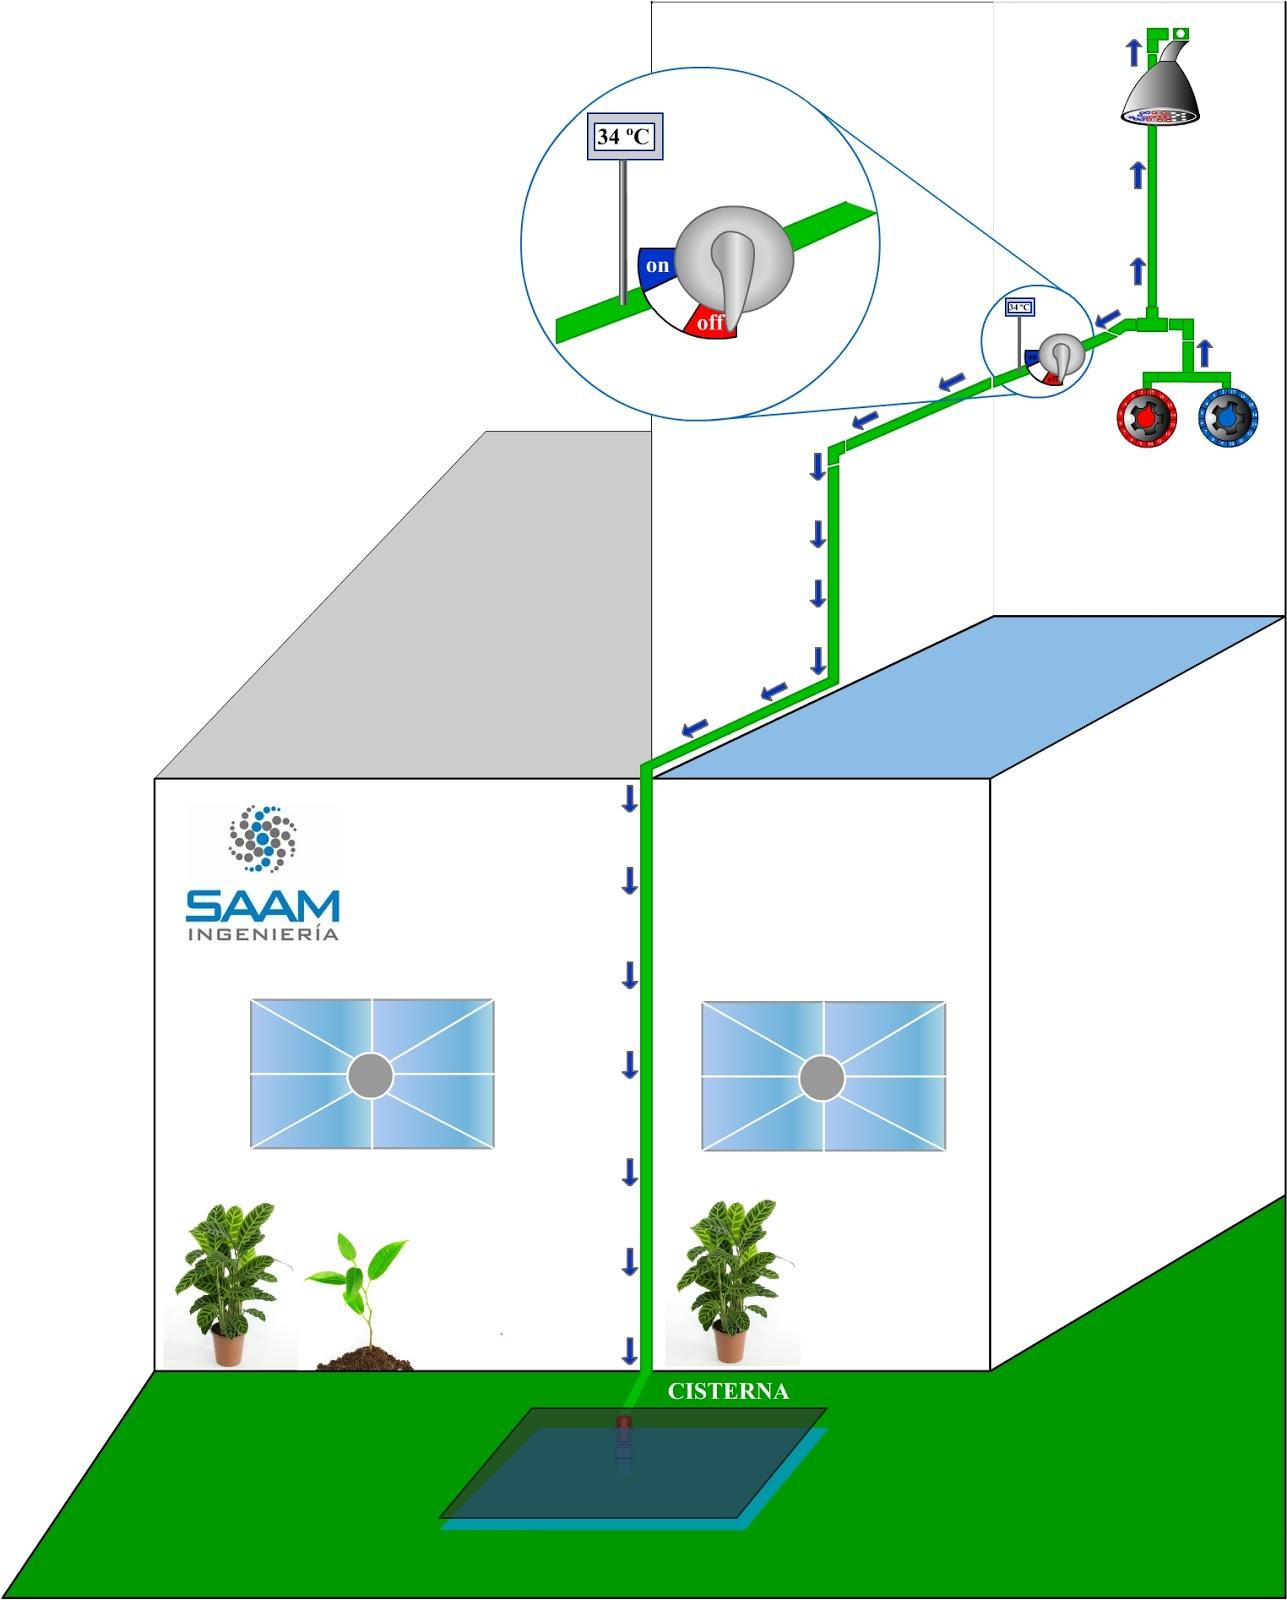 Sistemas de ahorro de agua mexicanos eco shower for Sistemas de ahorro de agua